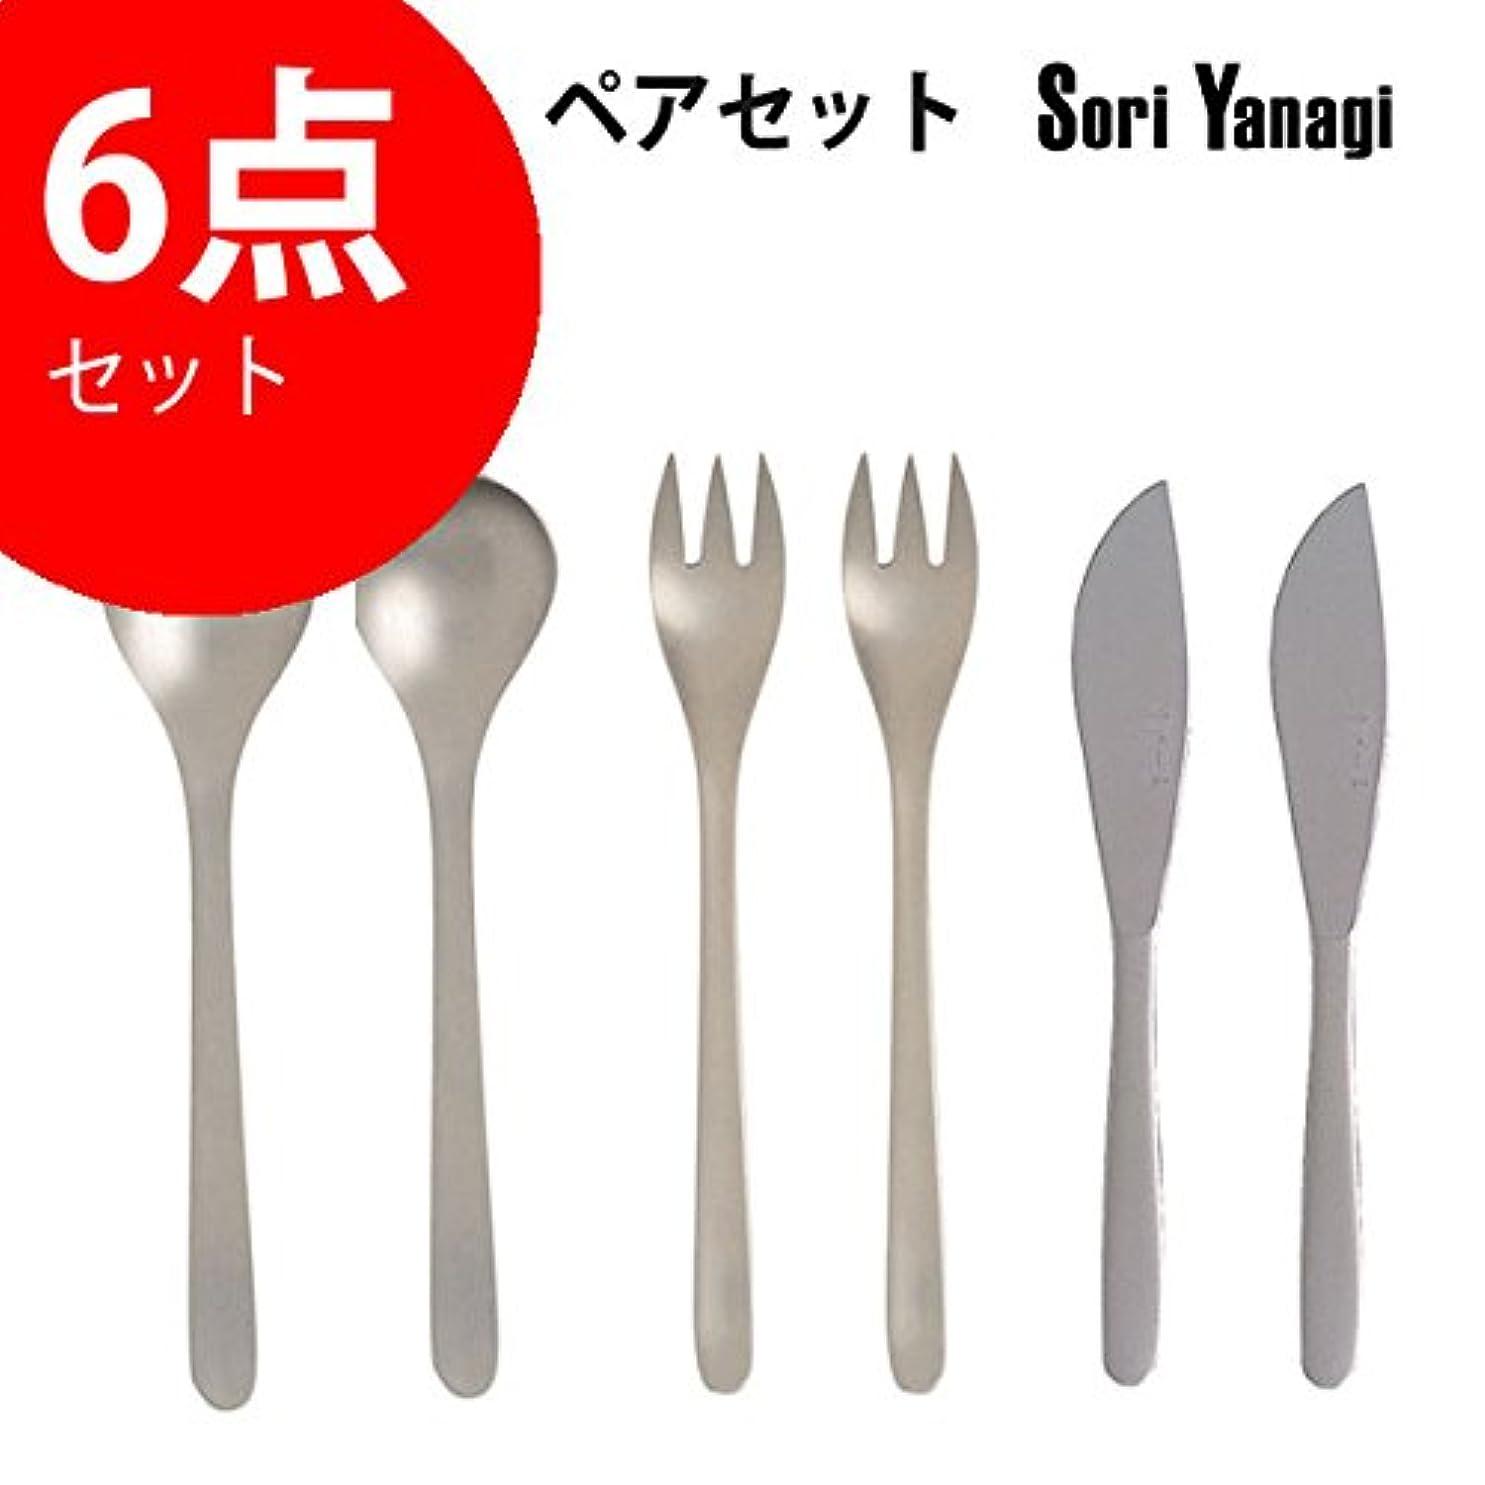 感動する理容室六柳宗理(#1250) テーブルスプーン&ナイフ&フォーク ペアセット